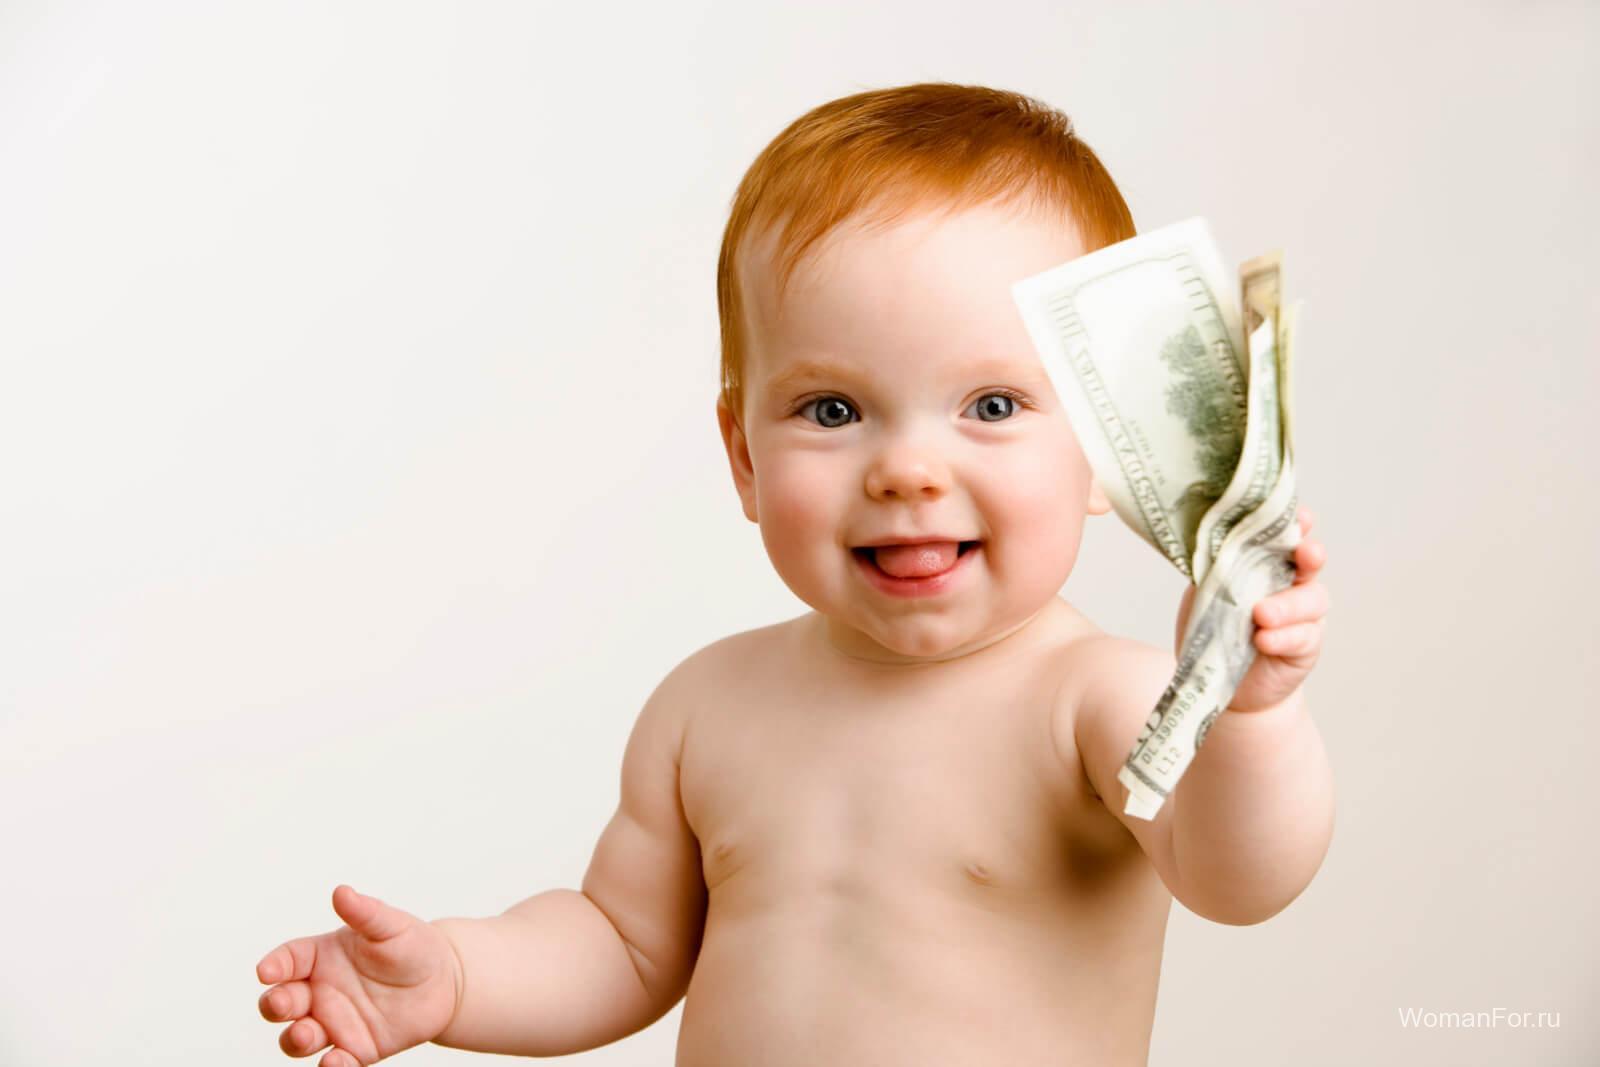 Как обналичить материнский капитал в 2018 году - кредит